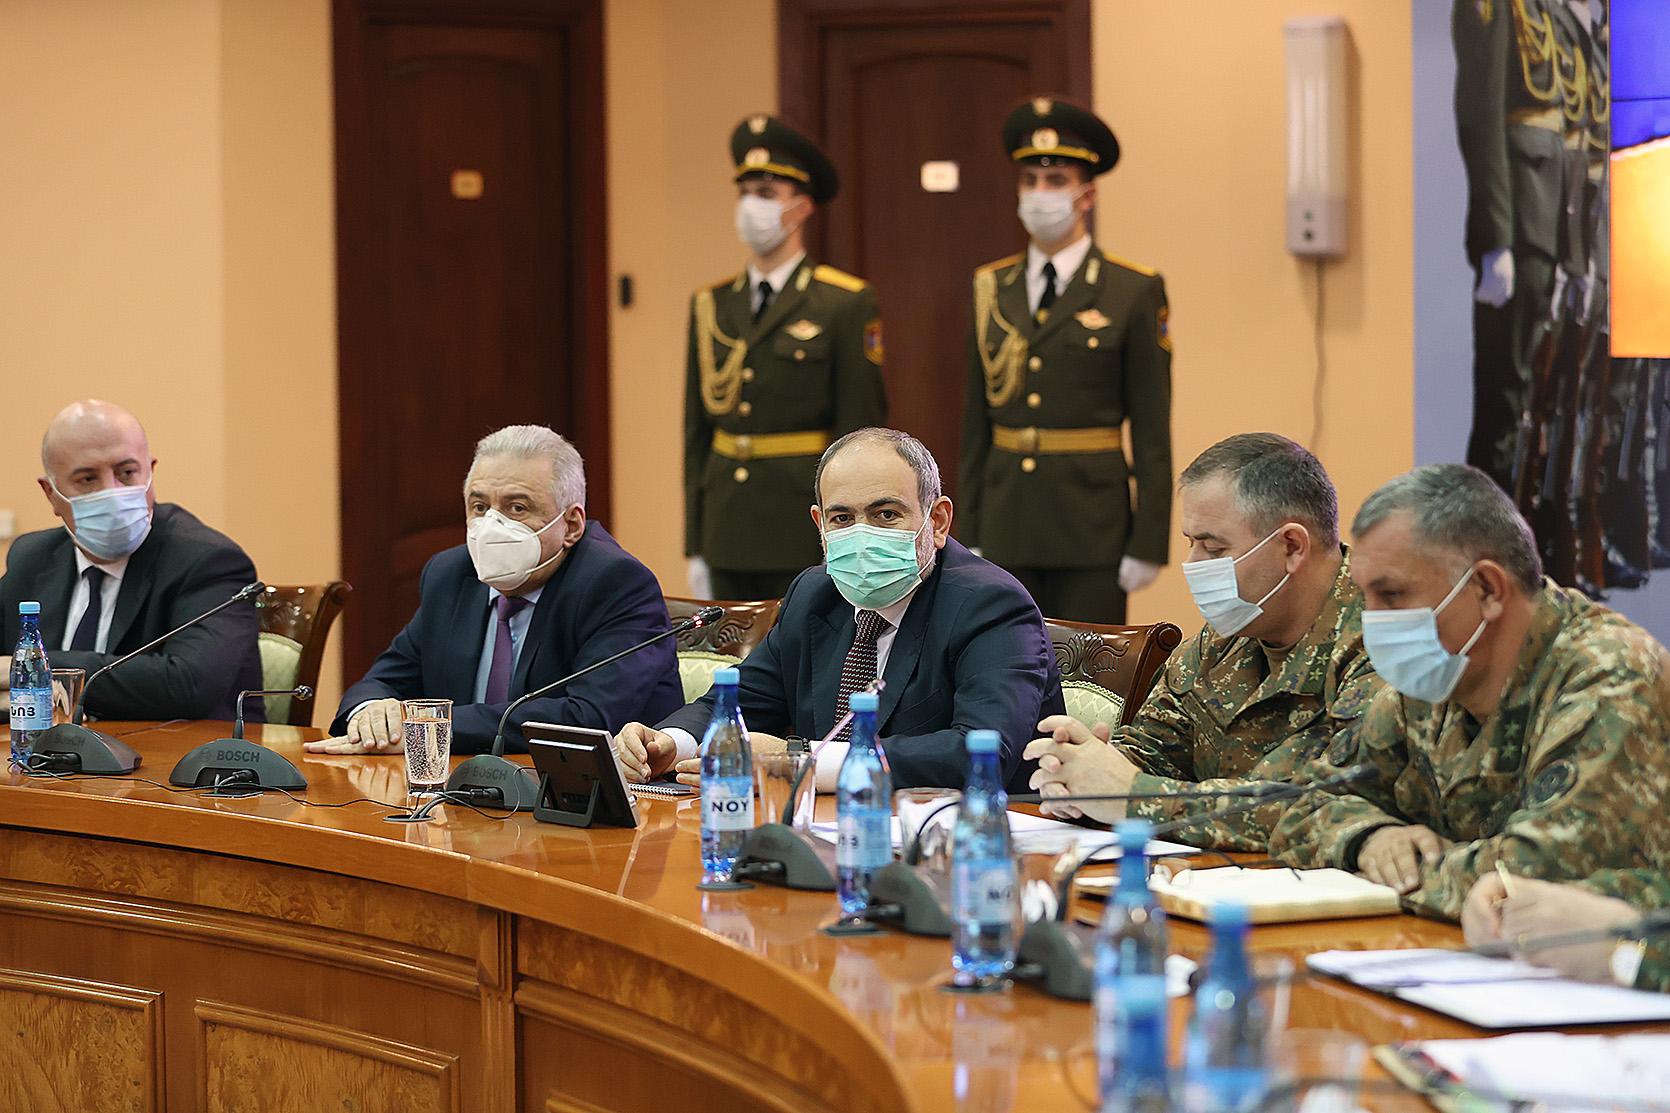 Photo of Вооруженные силы не должны оглядываться: премьер-министр представил нового начальника ГШ ВС